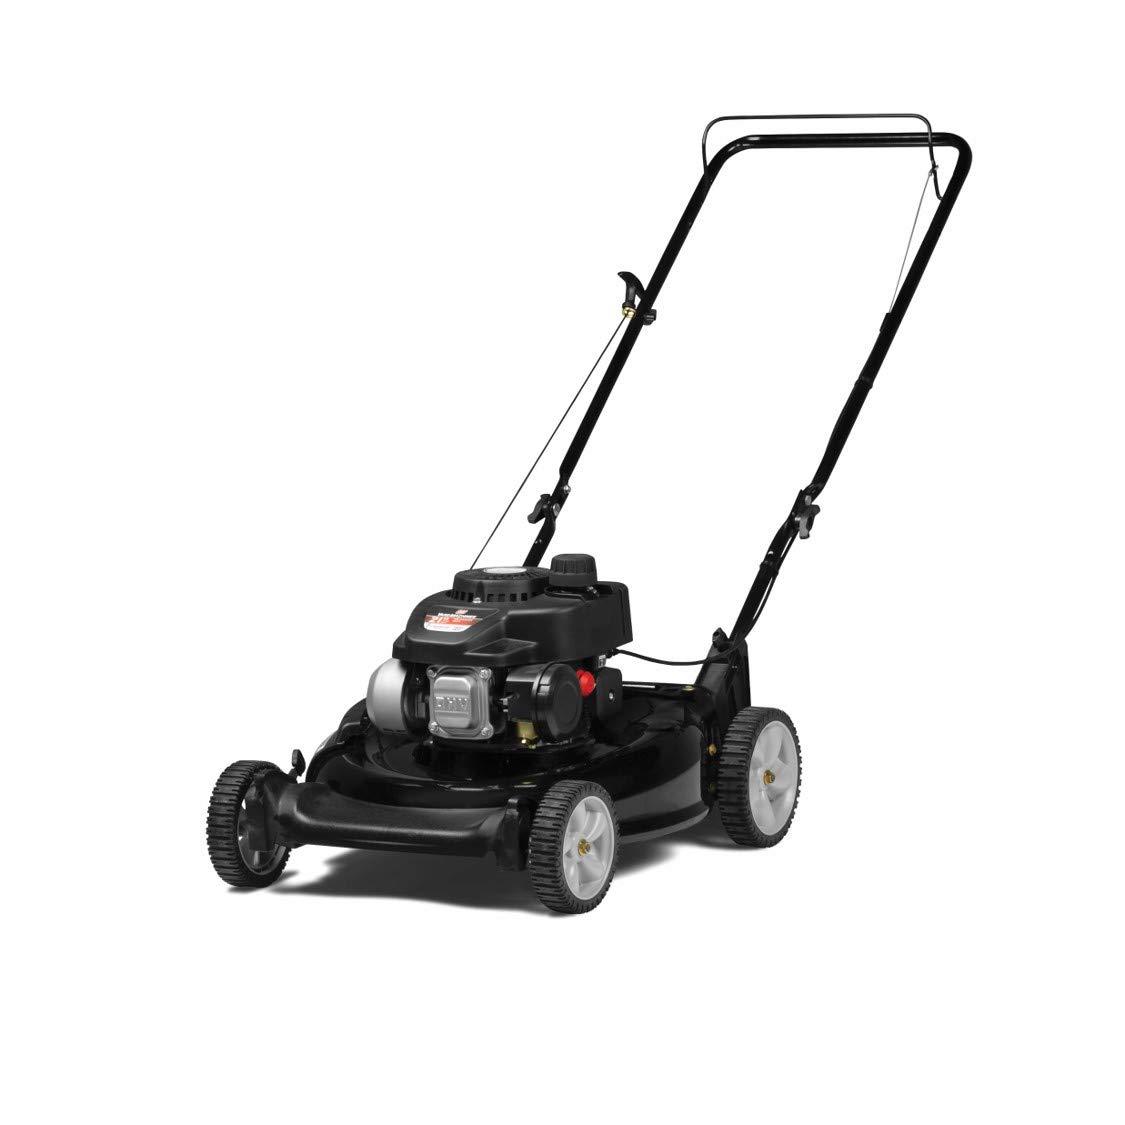 Yard Machines 140cc OHV 21-Inch 2-in-1 Push Walk-Behind  Gas Powered Lawn Mower